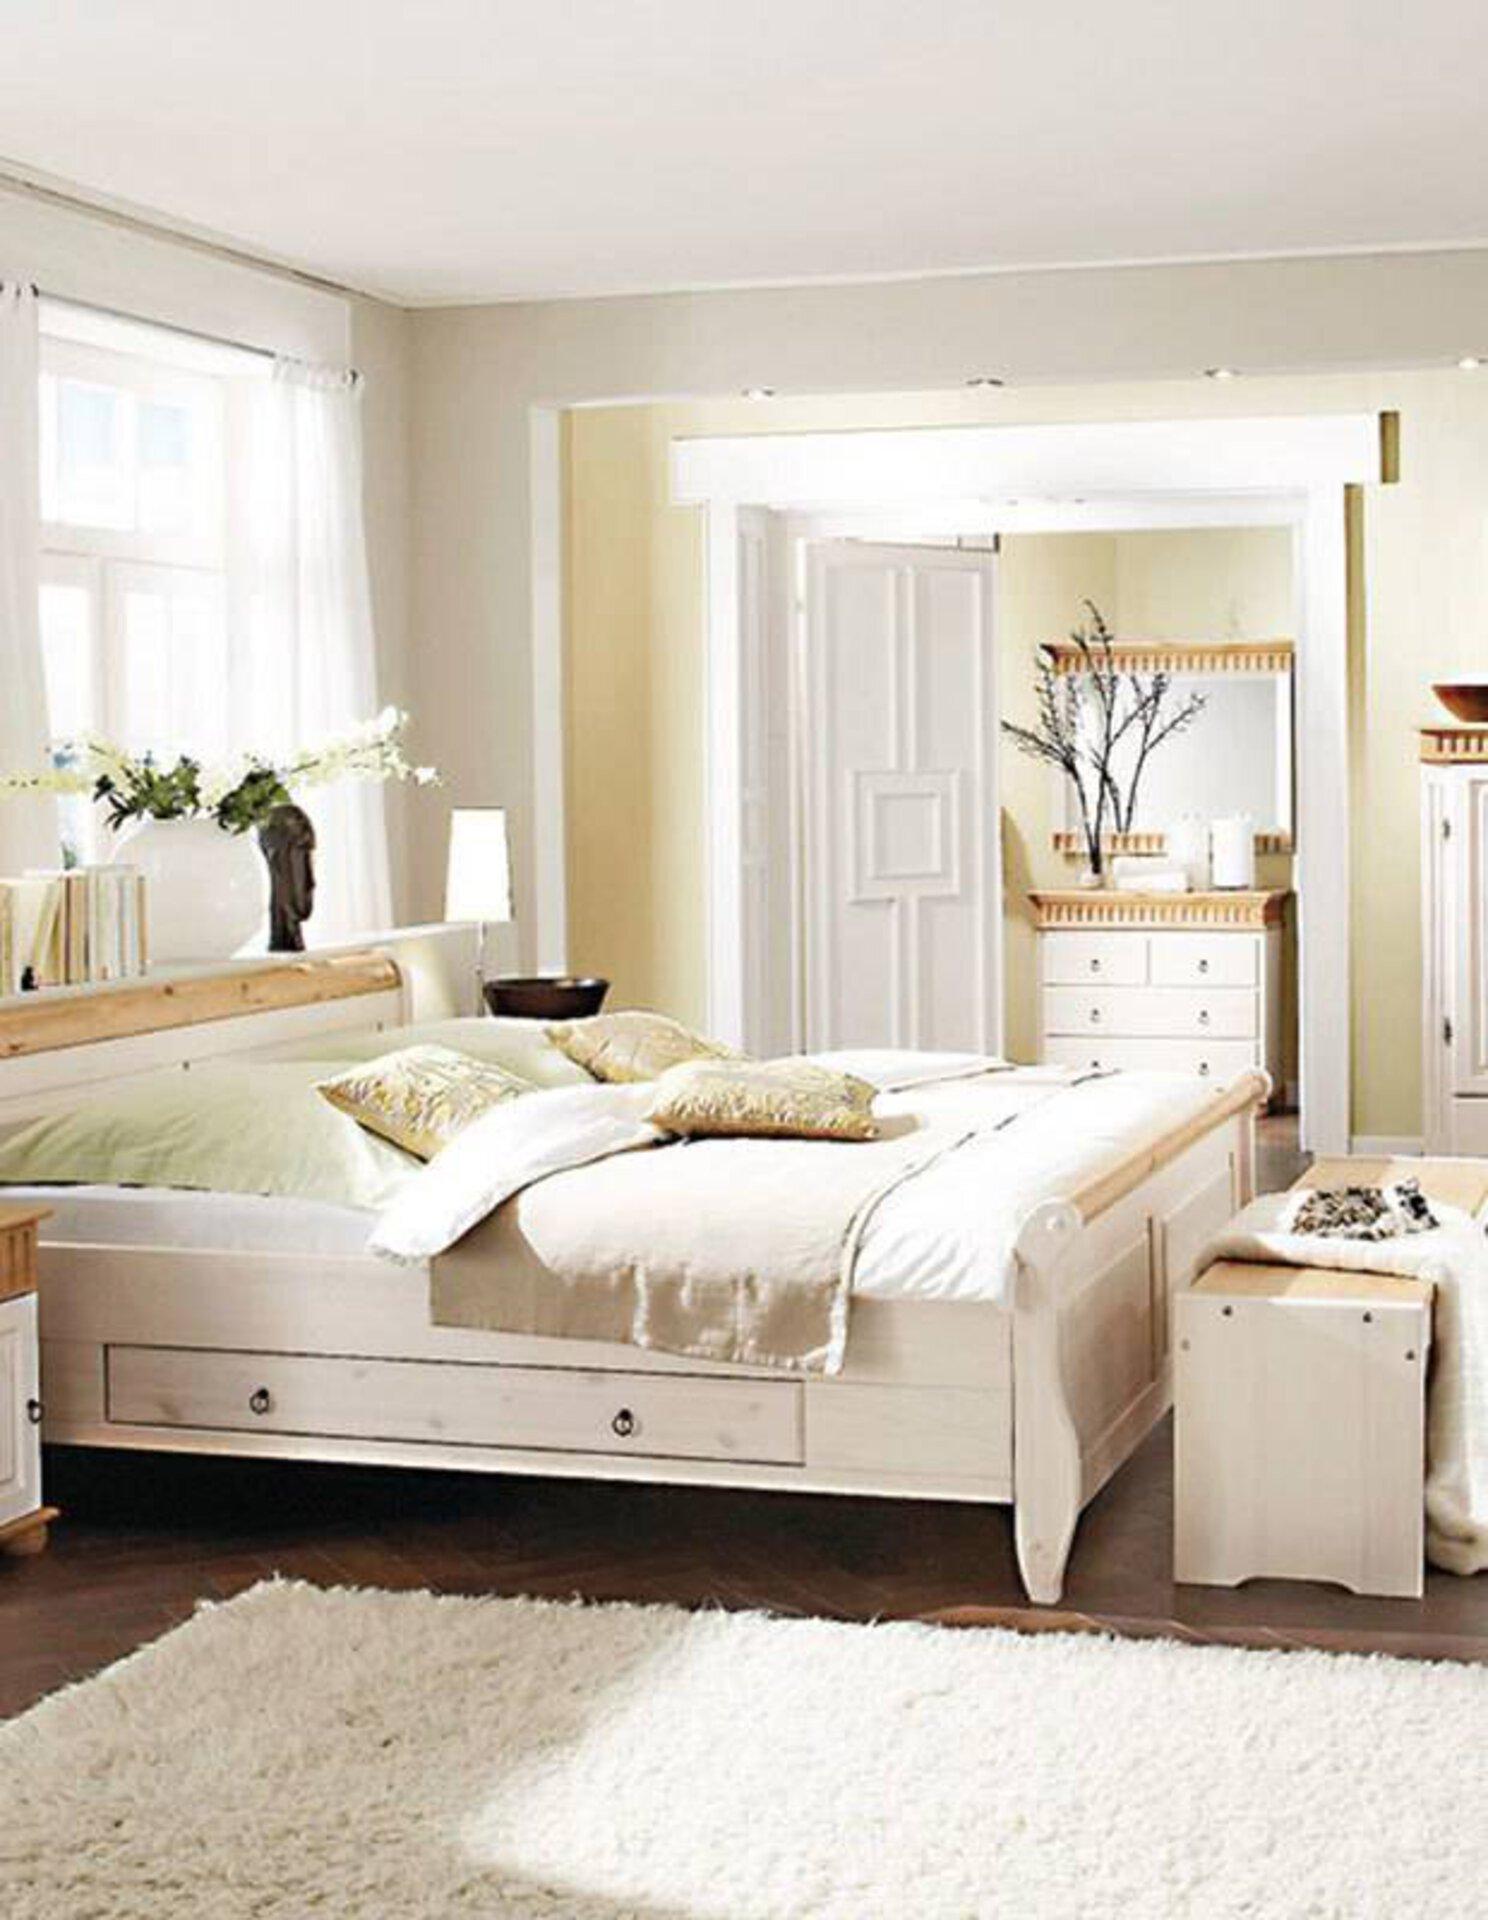 Schlafzimmer im Landhausstil zeigt großes Bett und breiten Kleiderschrank.- Die Möbel sind aus Holz, dabei sind einige Elemente naturbelassen, der Großteil jedoch weiß lasiert.